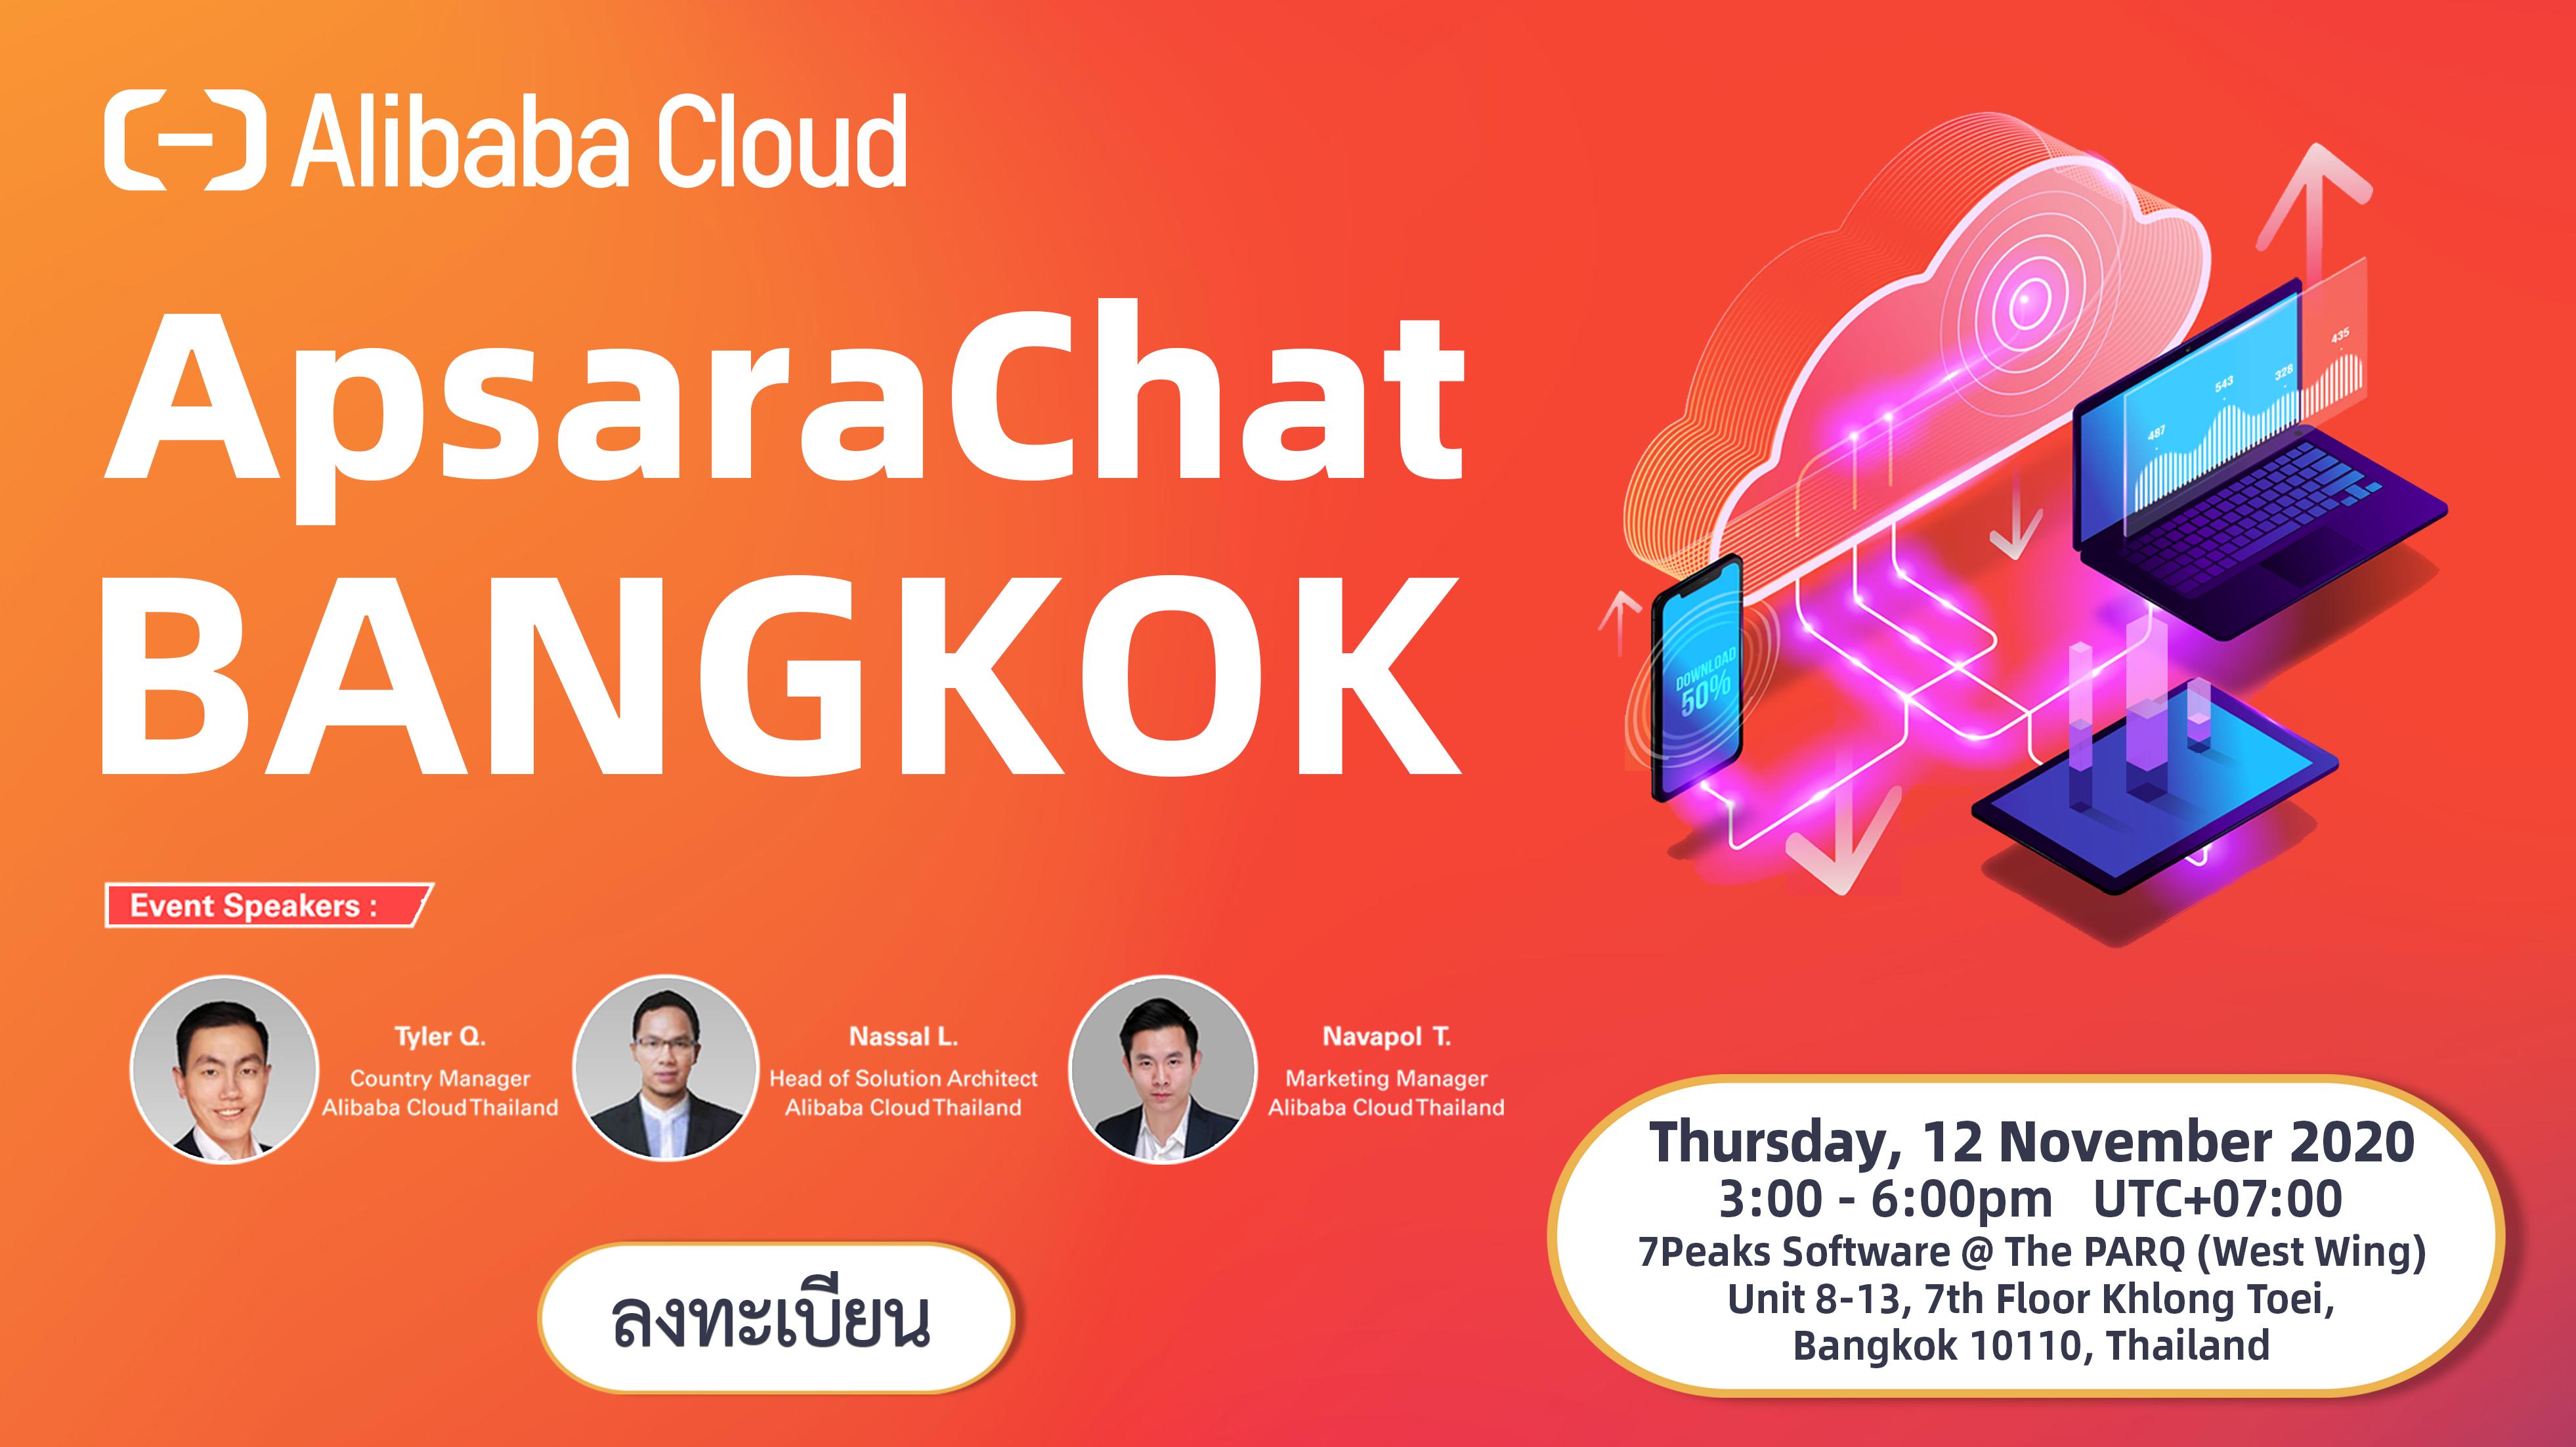 ApsaraChat Bangkok